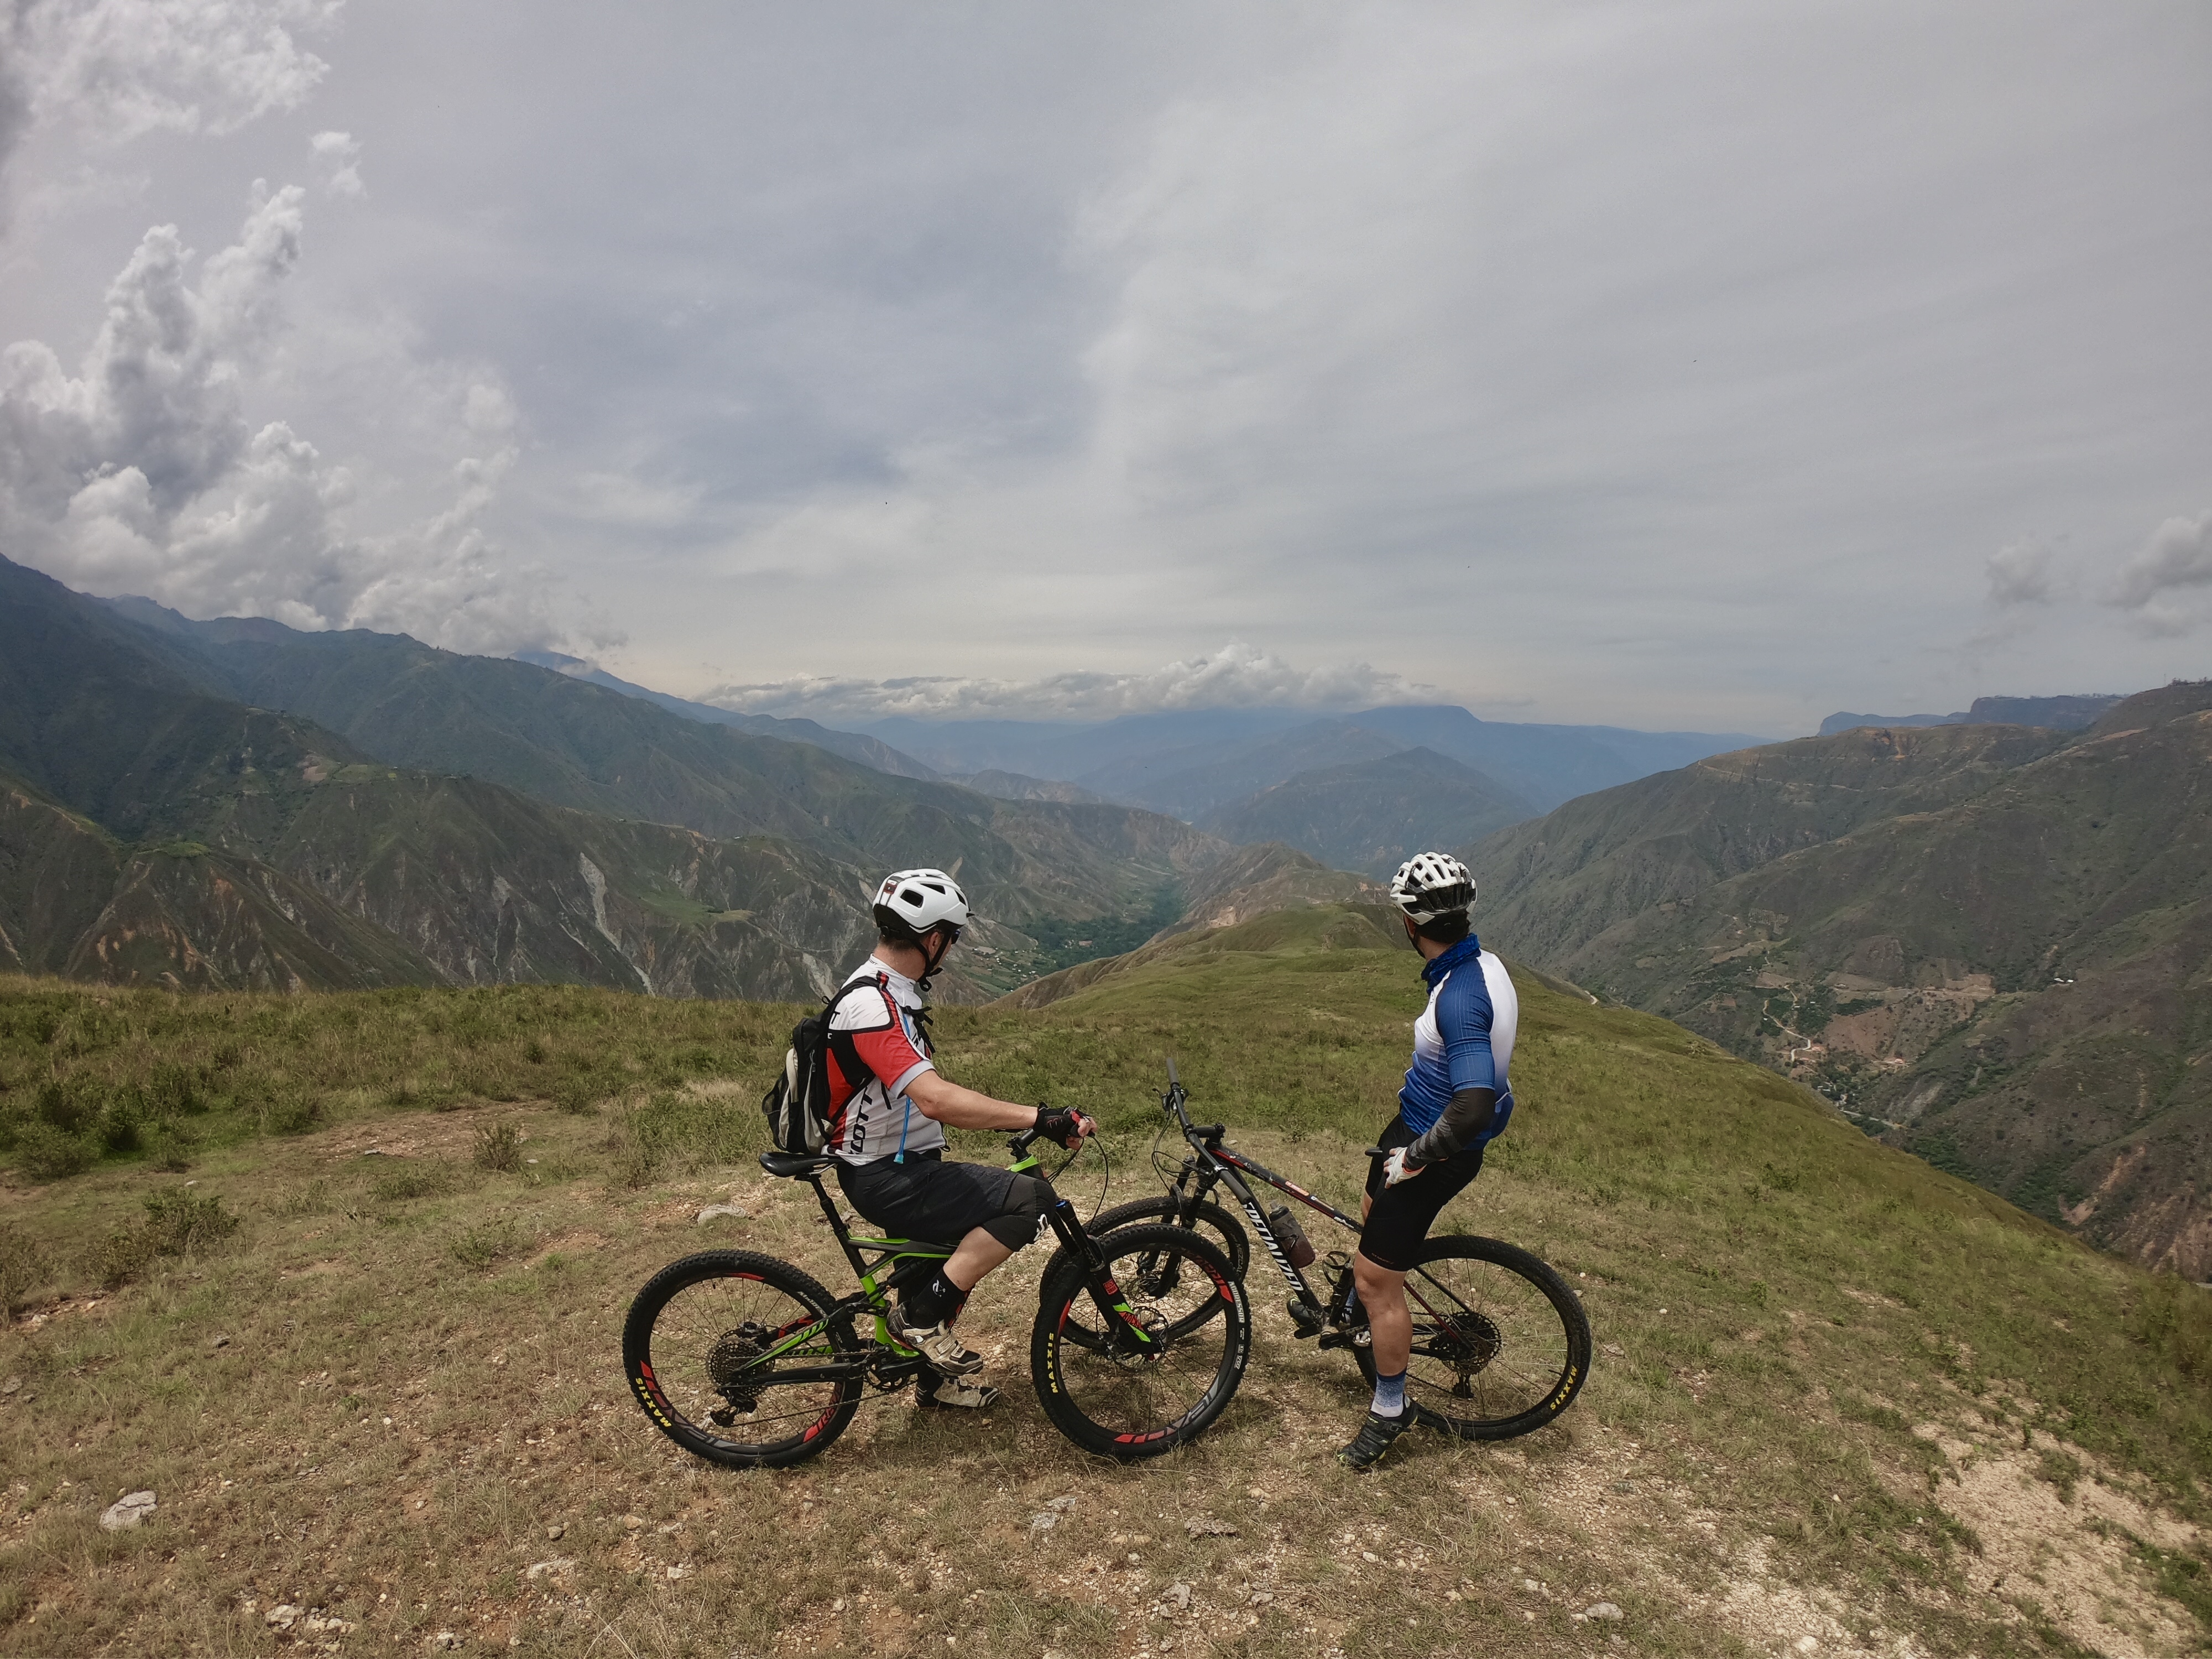 Ciclismo Turístico / Santander Cycling & Experiences